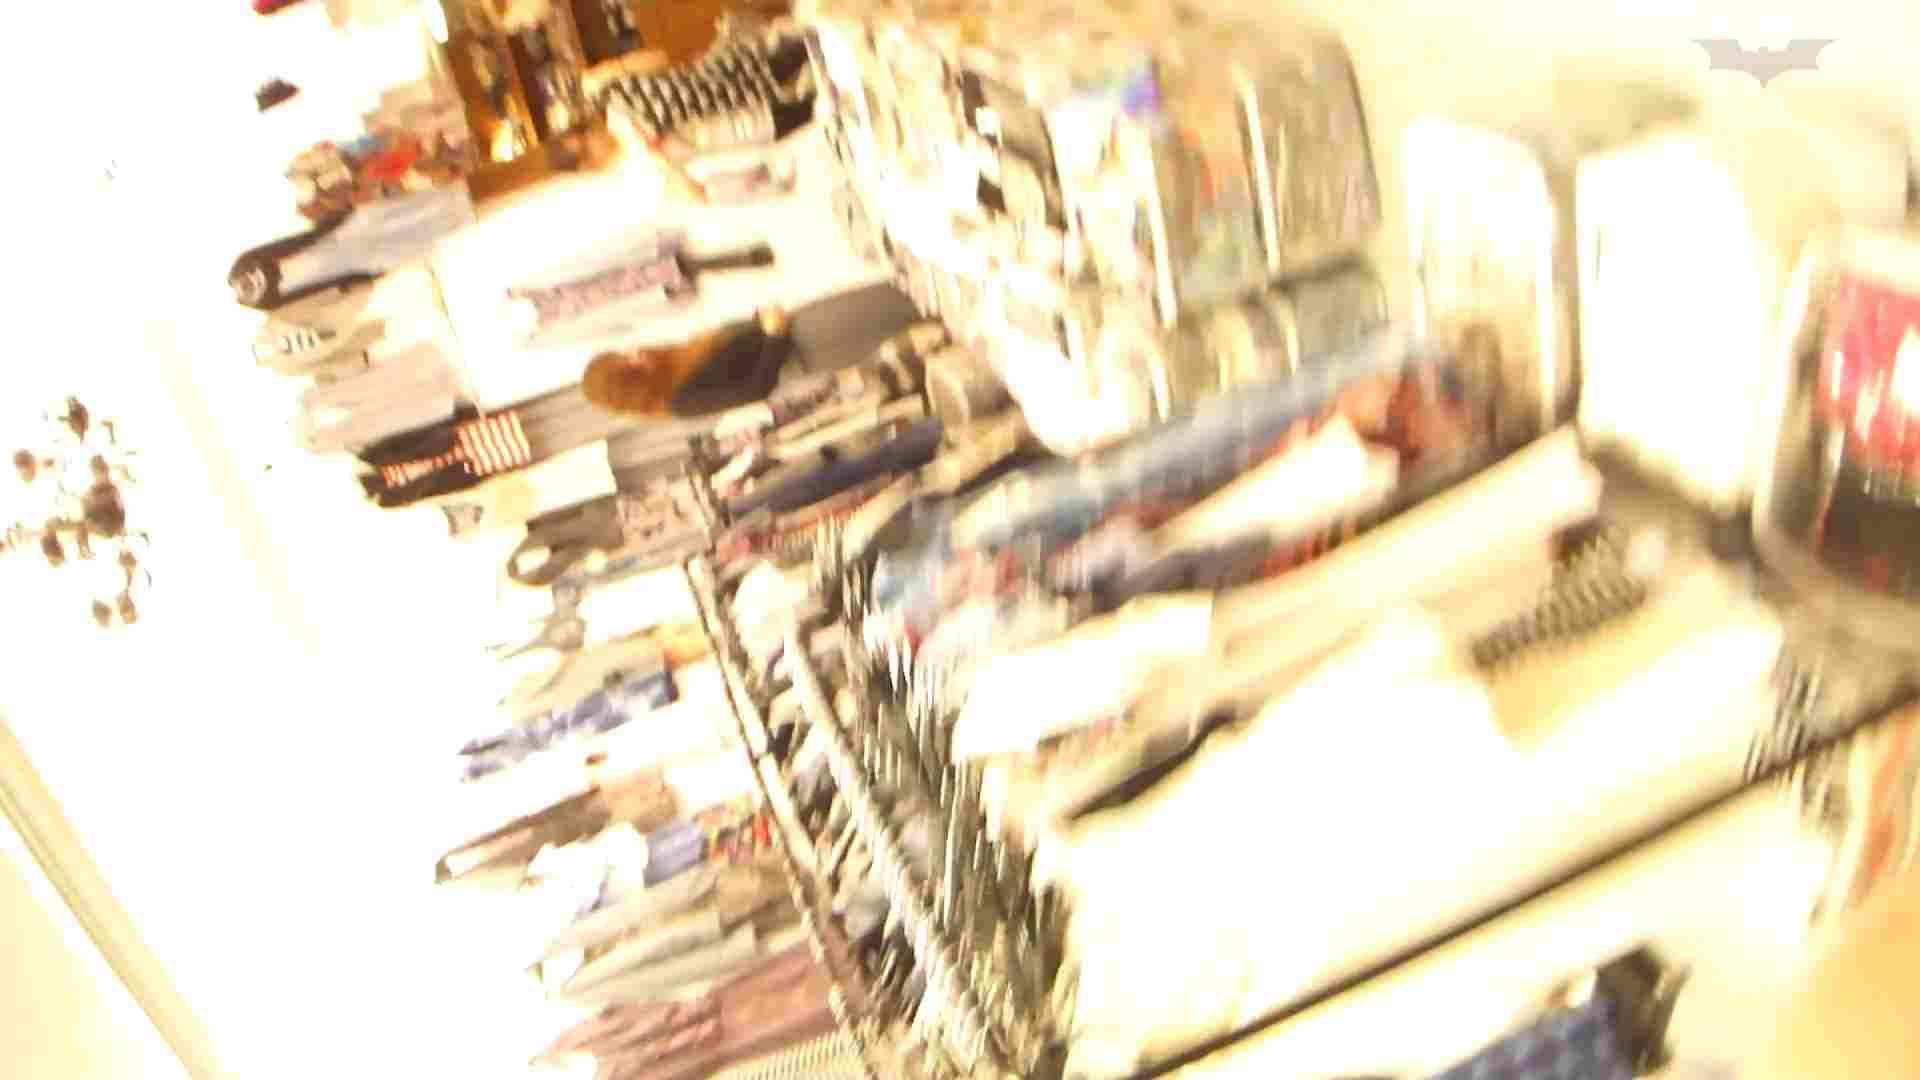 JD盗撮 美女の洗面所の秘密 Vol.79 Hな美女 のぞき動画キャプチャ 91pic 88